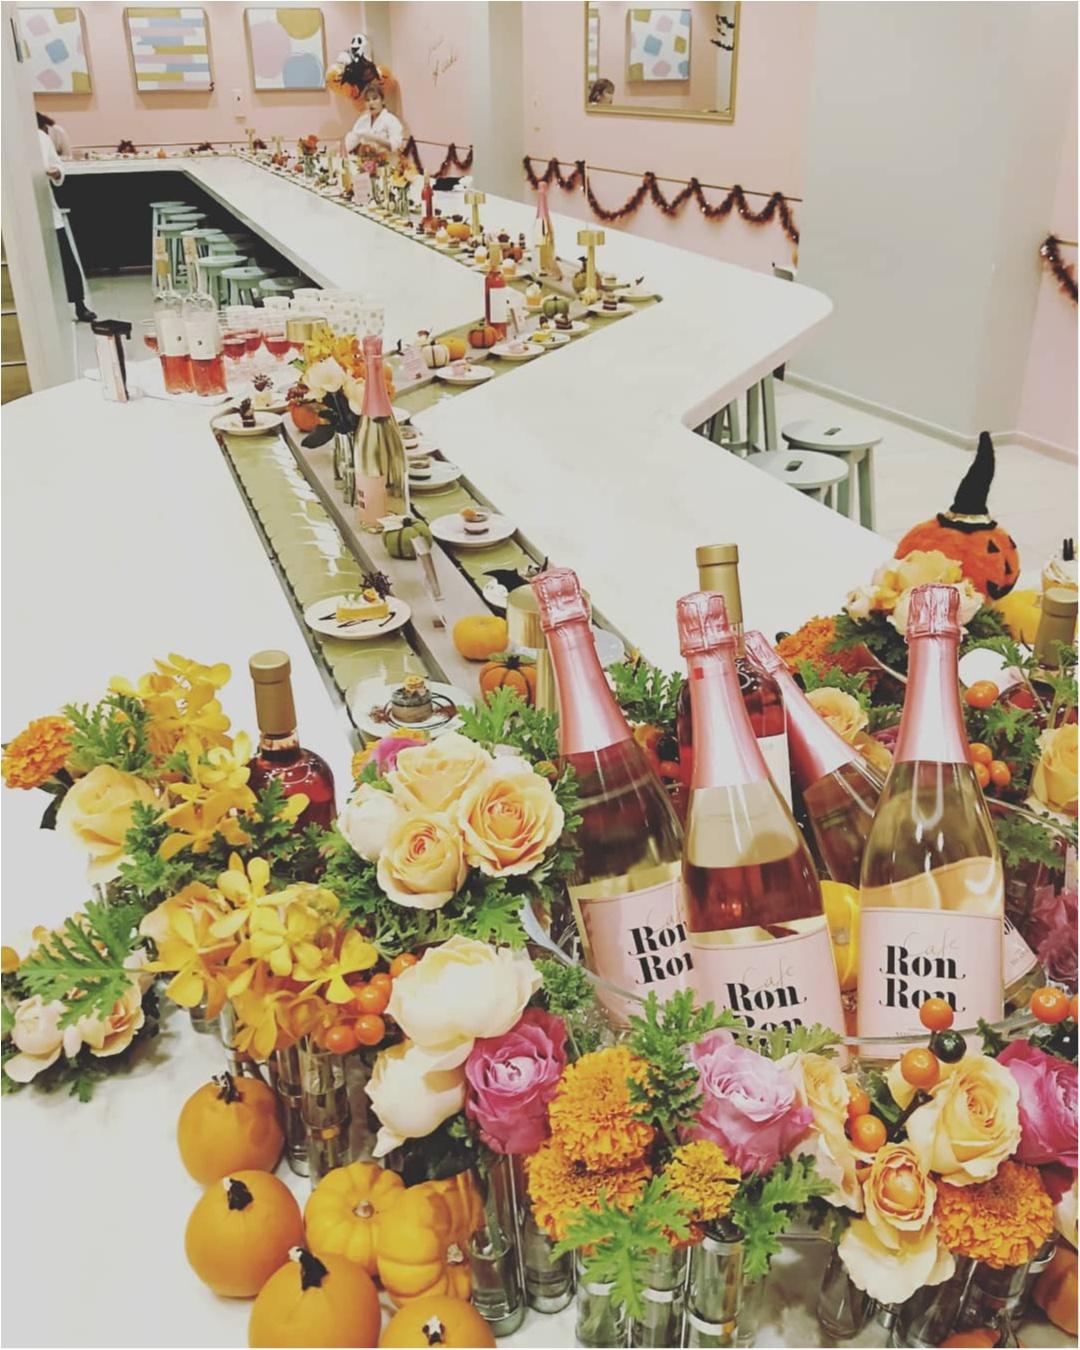 """""""回転寿司""""ならぬ「回転スイーツカフェRon Ron」はイベント盛りだくさん♥ハロウィンパーティー参加レポ!_1"""